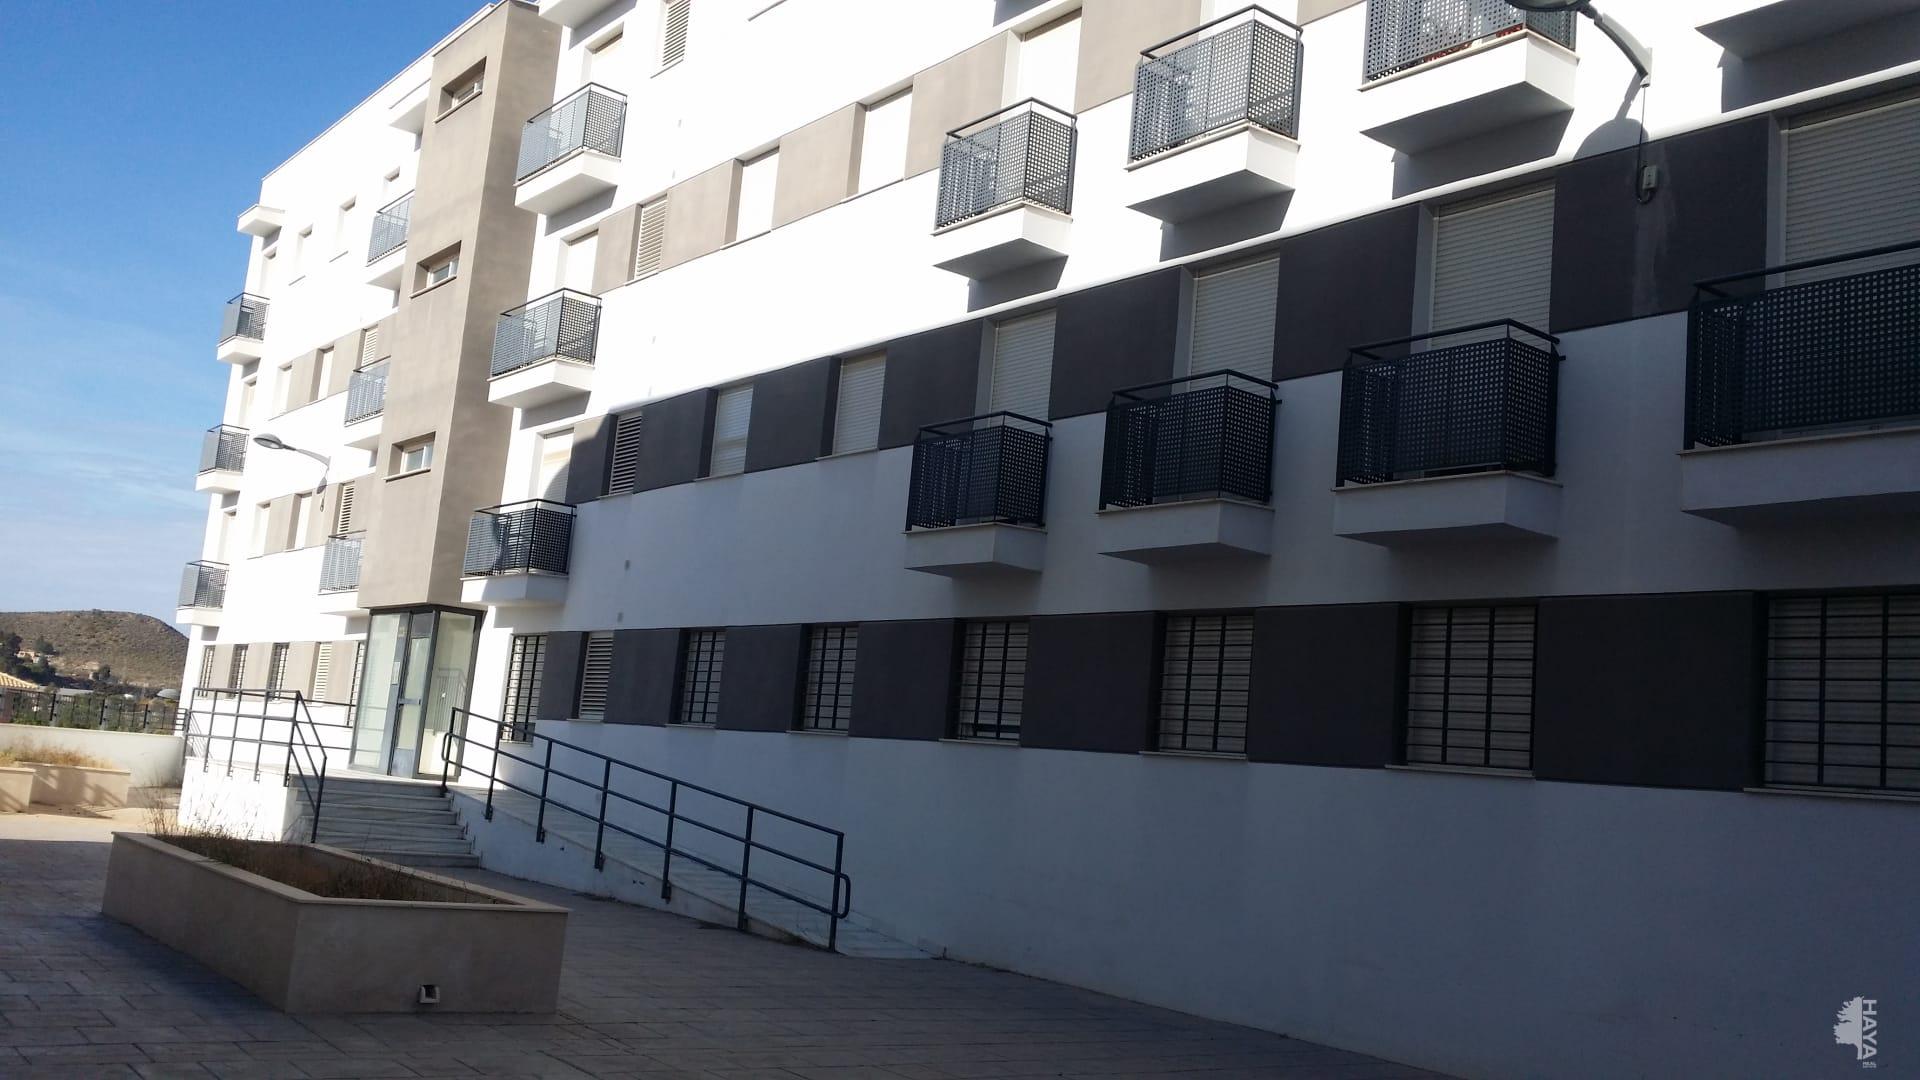 Piso en venta en Olula del Río, Almería, Calle Alta, 68.700 €, 3 habitaciones, 1 baño, 103 m2